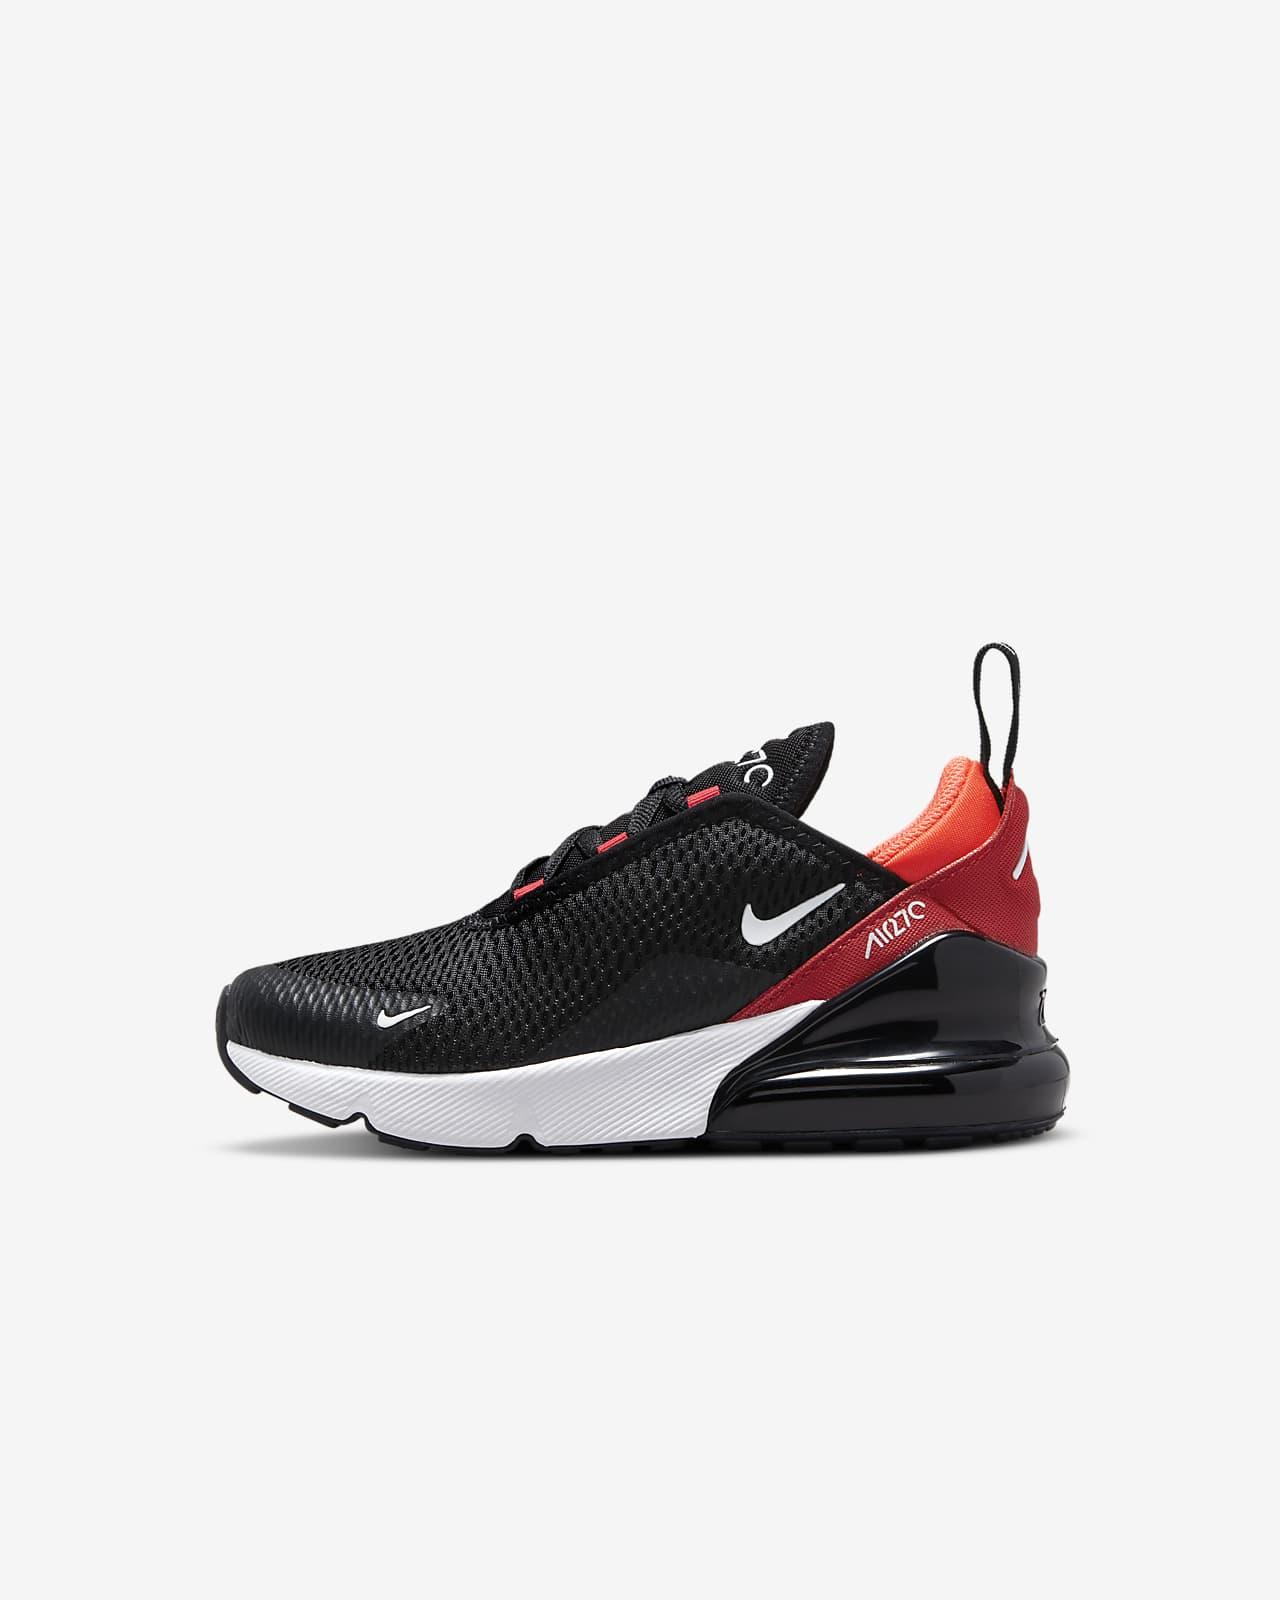 Nike Air Max 270 Küçük Çocuk Ayakkabısı